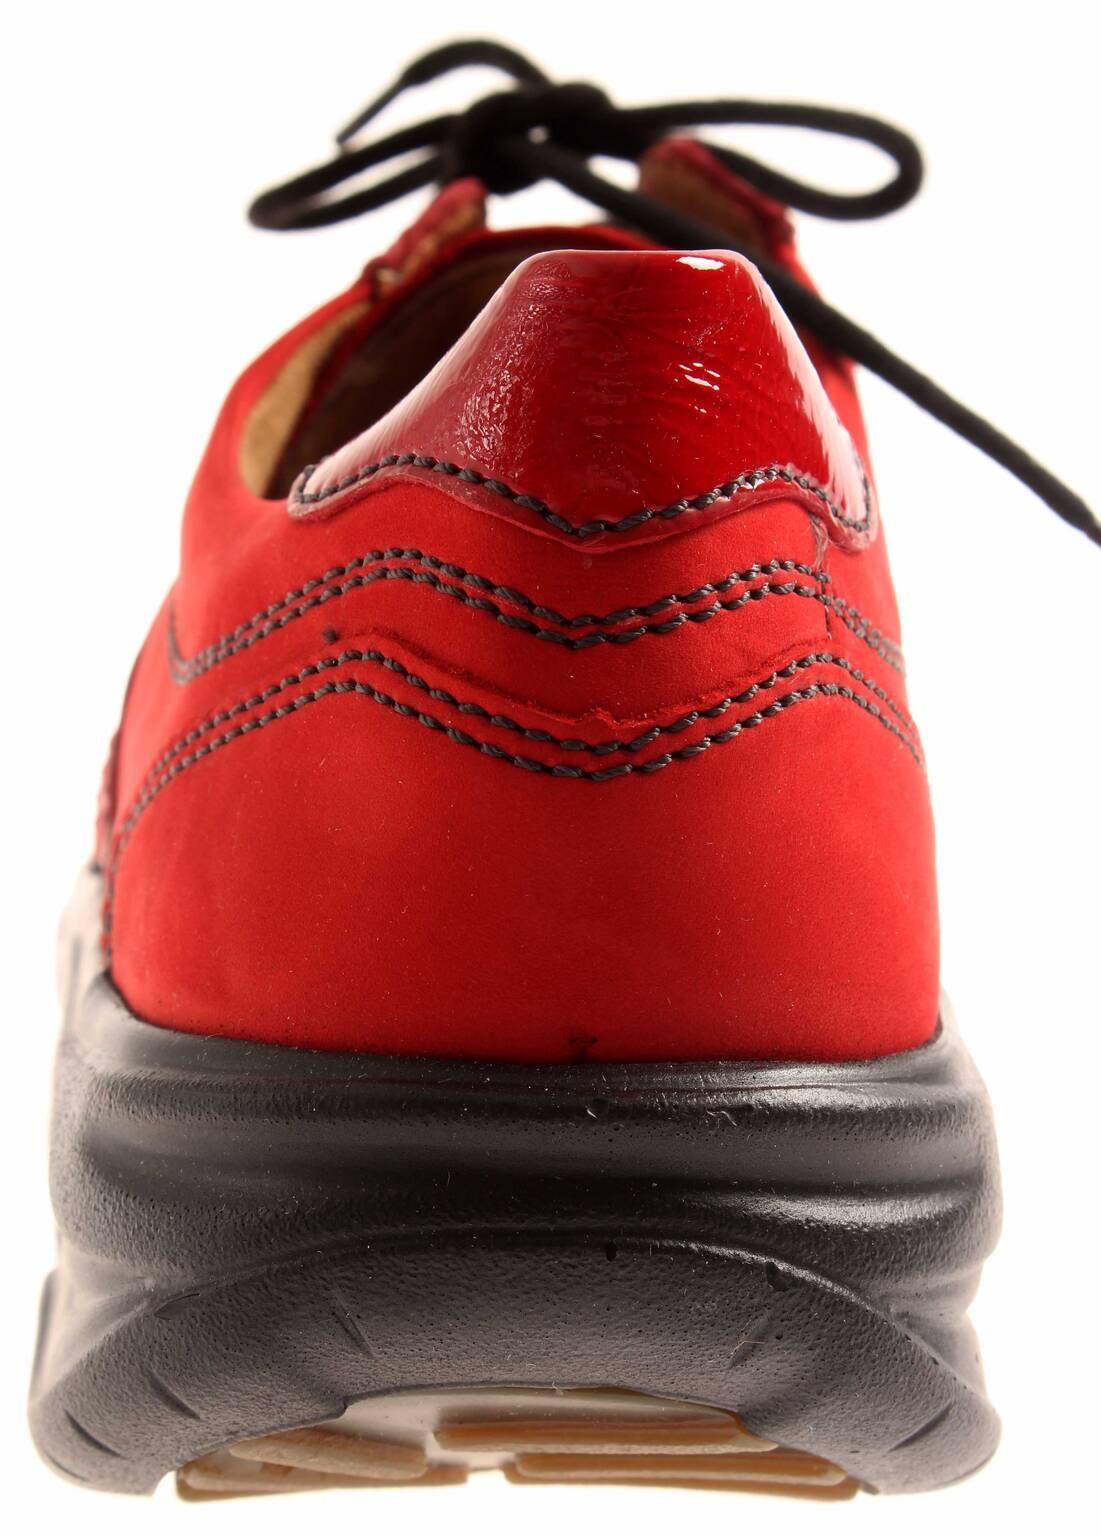 sale retailer 2b02a bf2b8 ... Nike Zoom Kiger 4 Orange Teal Men s Trail Running Running Running US  Size 10 880563 ...